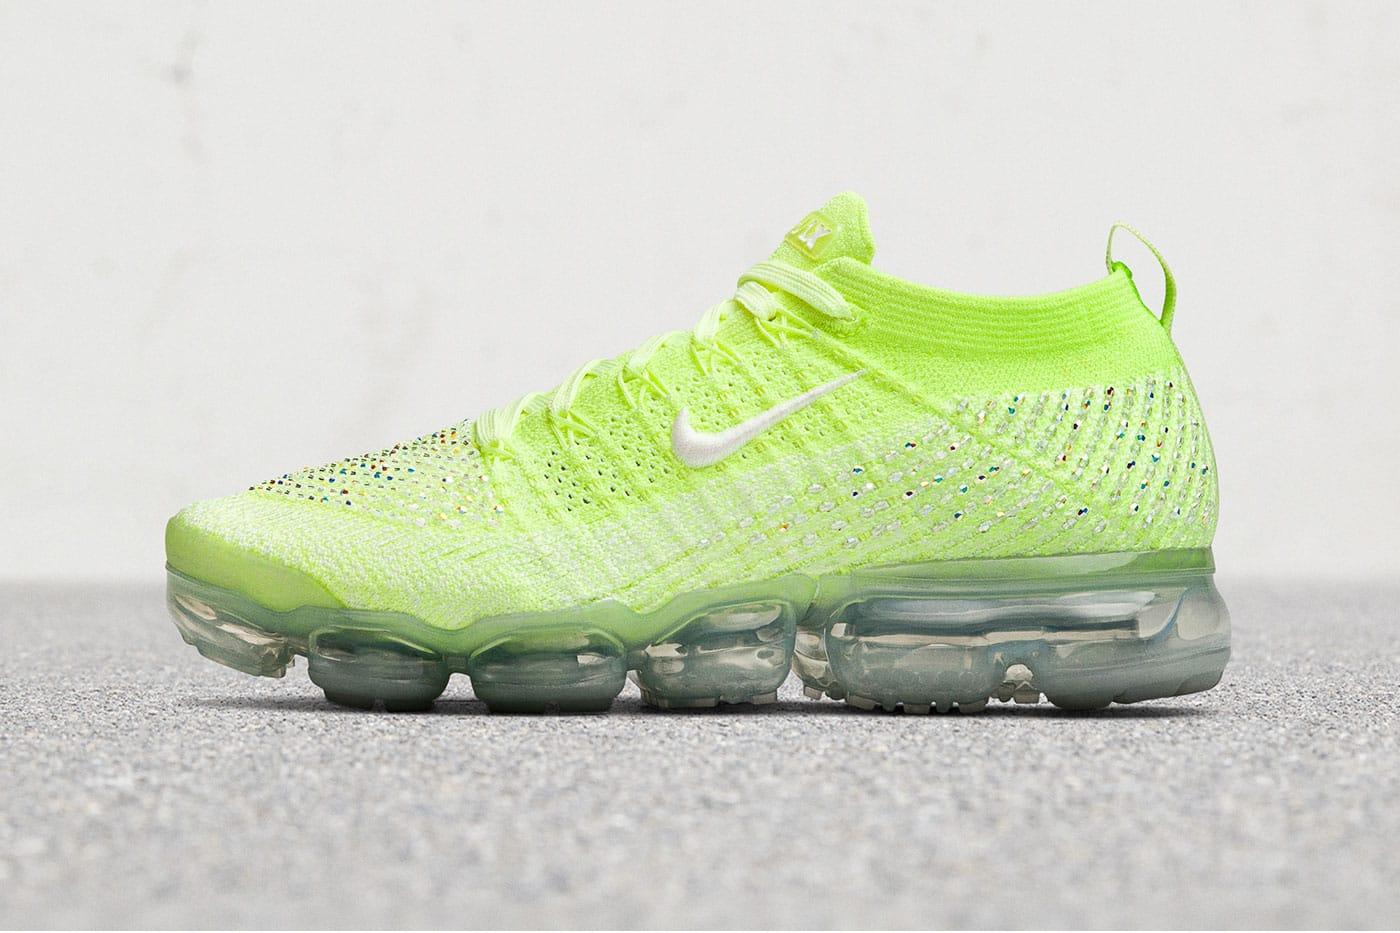 Nike Women's 2019 Summer Footwear